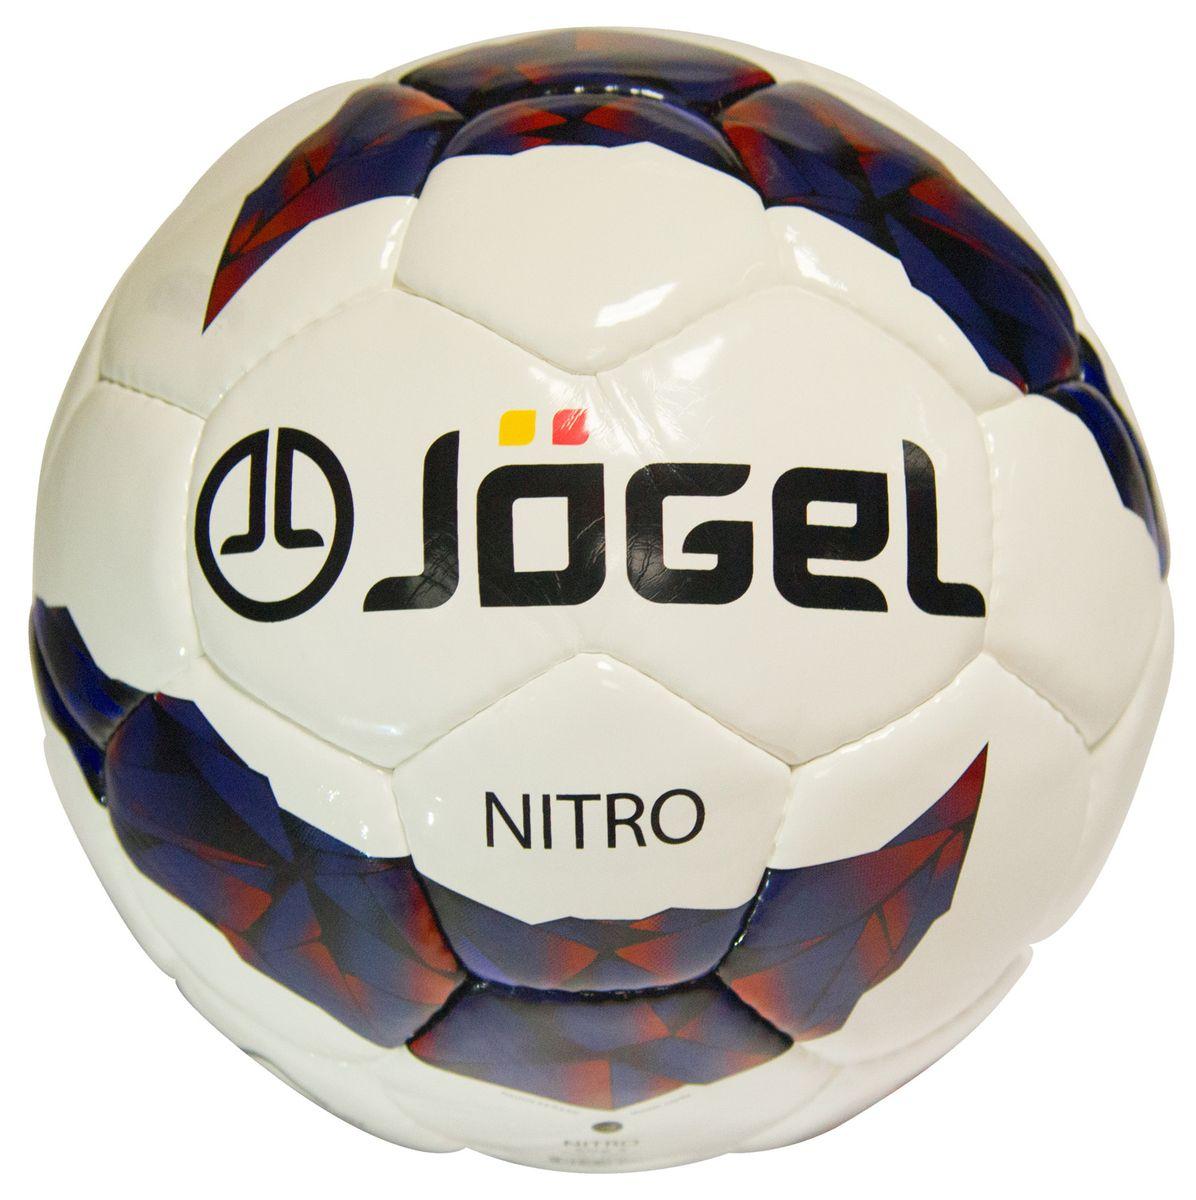 Мяч футбольный Jogel Nitro, цвет: белый, синий, бордовый. Размер 5. JS-700УТ-00009477Футбольный мяч Jogel JS-700 Nitro превосходно подходит для тренировочного уровня. Он имеет прочную покрышку из синтетической кожи, сшитой вручную. Мяч имеет отличные технические характеристики, соответствующие требованиям тренировочного процесса. Предусмотрено 4 подкладочных слоя из смеси хлопка с полиэстером и латексная камера, которая хорошо держит давление. Мяч Jogel JS-700 Nitro станет отличным выбором для тренировок и проведения любительских матчей.Вес: 410-450 гр.Длина окружности: 68-70 см.Рекомендованное давление: 0.6-0.8 бар.УВАЖАЕМЫЕ КЛИЕНТЫ!Обращаем ваше внимание на тот факт, что мяч поставляется в сдутом виде. Насос в комплект не входит.